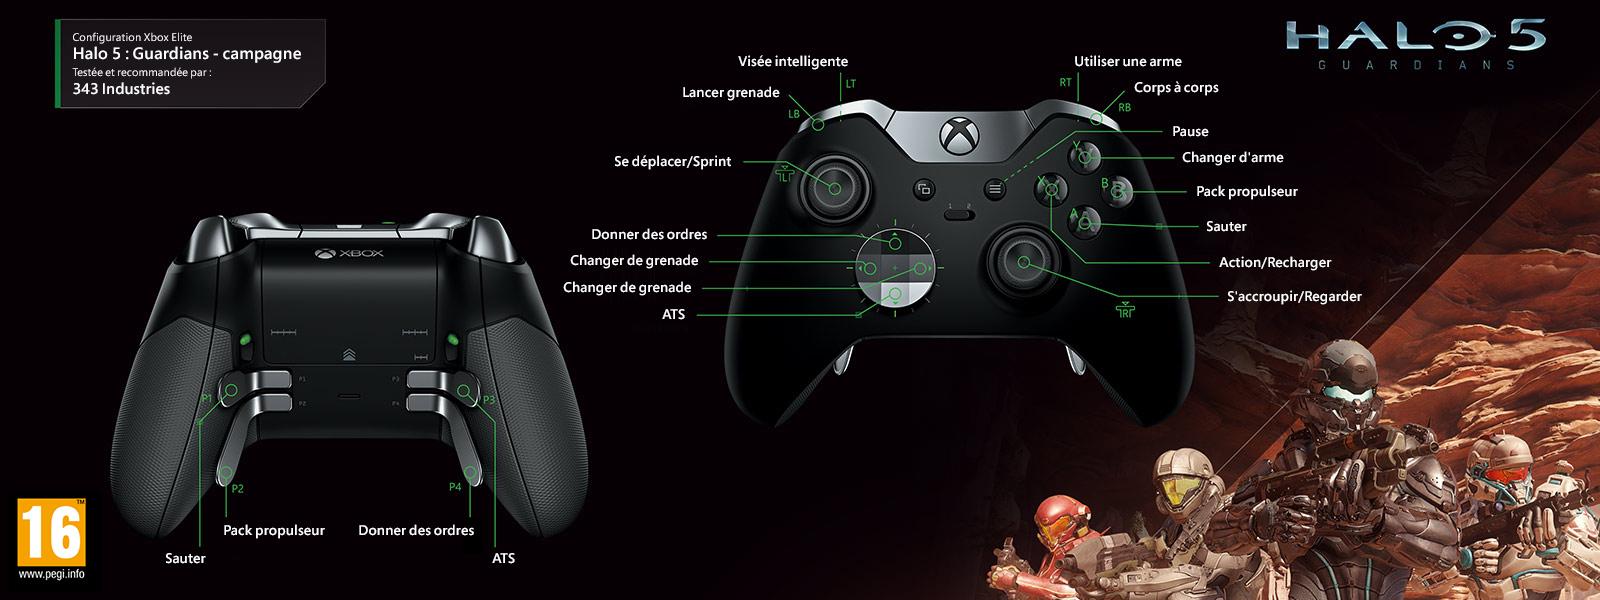 Halo5 Guardians, configuration Elite Campagne